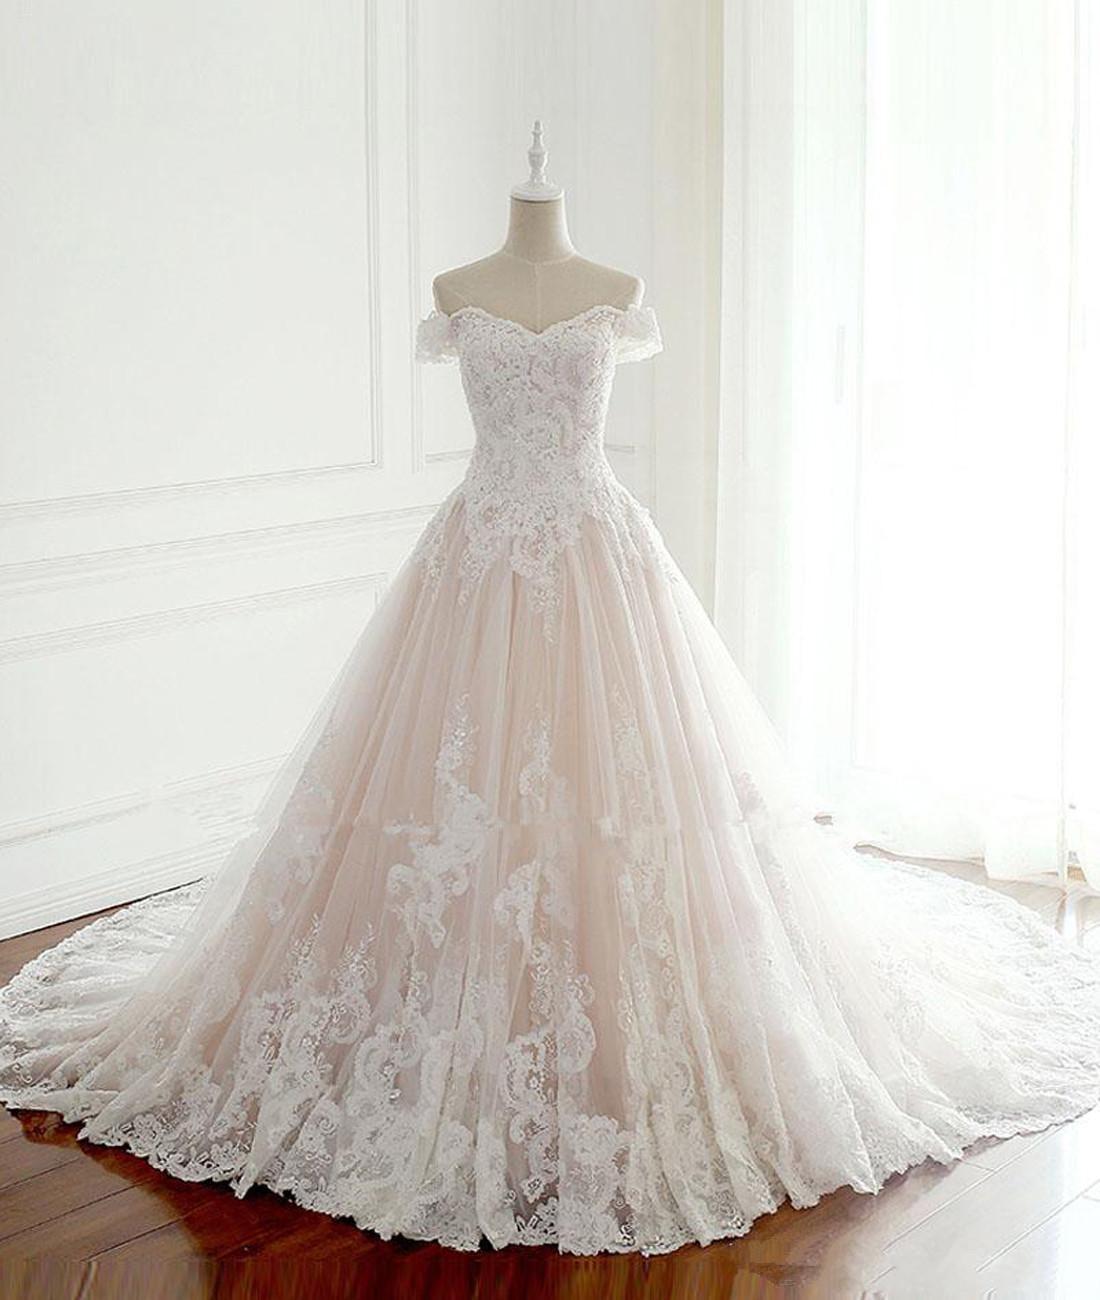 Elegante Tamanho New Além disso princesa casamento Vestidos Alças Lace Applique Turquia Tulle Trem da varredura vestido de noiva barato Noiva Vestidos